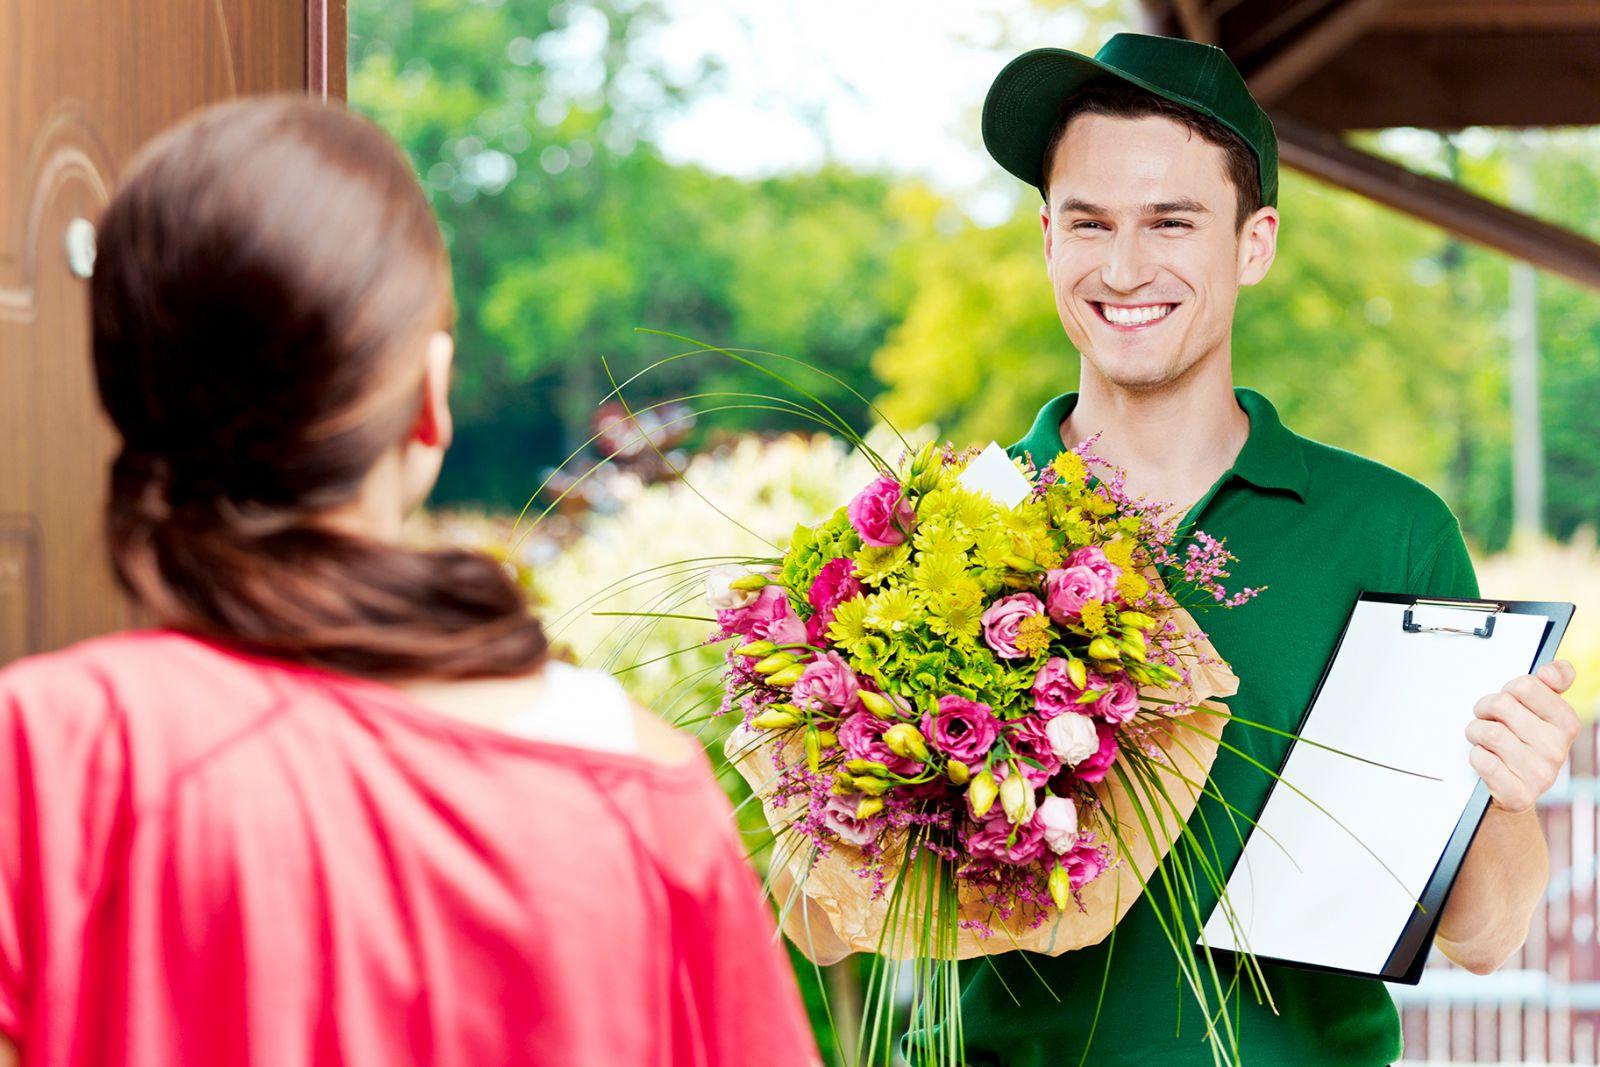 Mở cửa hàng hoa tươi và những kinh nghiệm hút khách không phải ai cũng biết